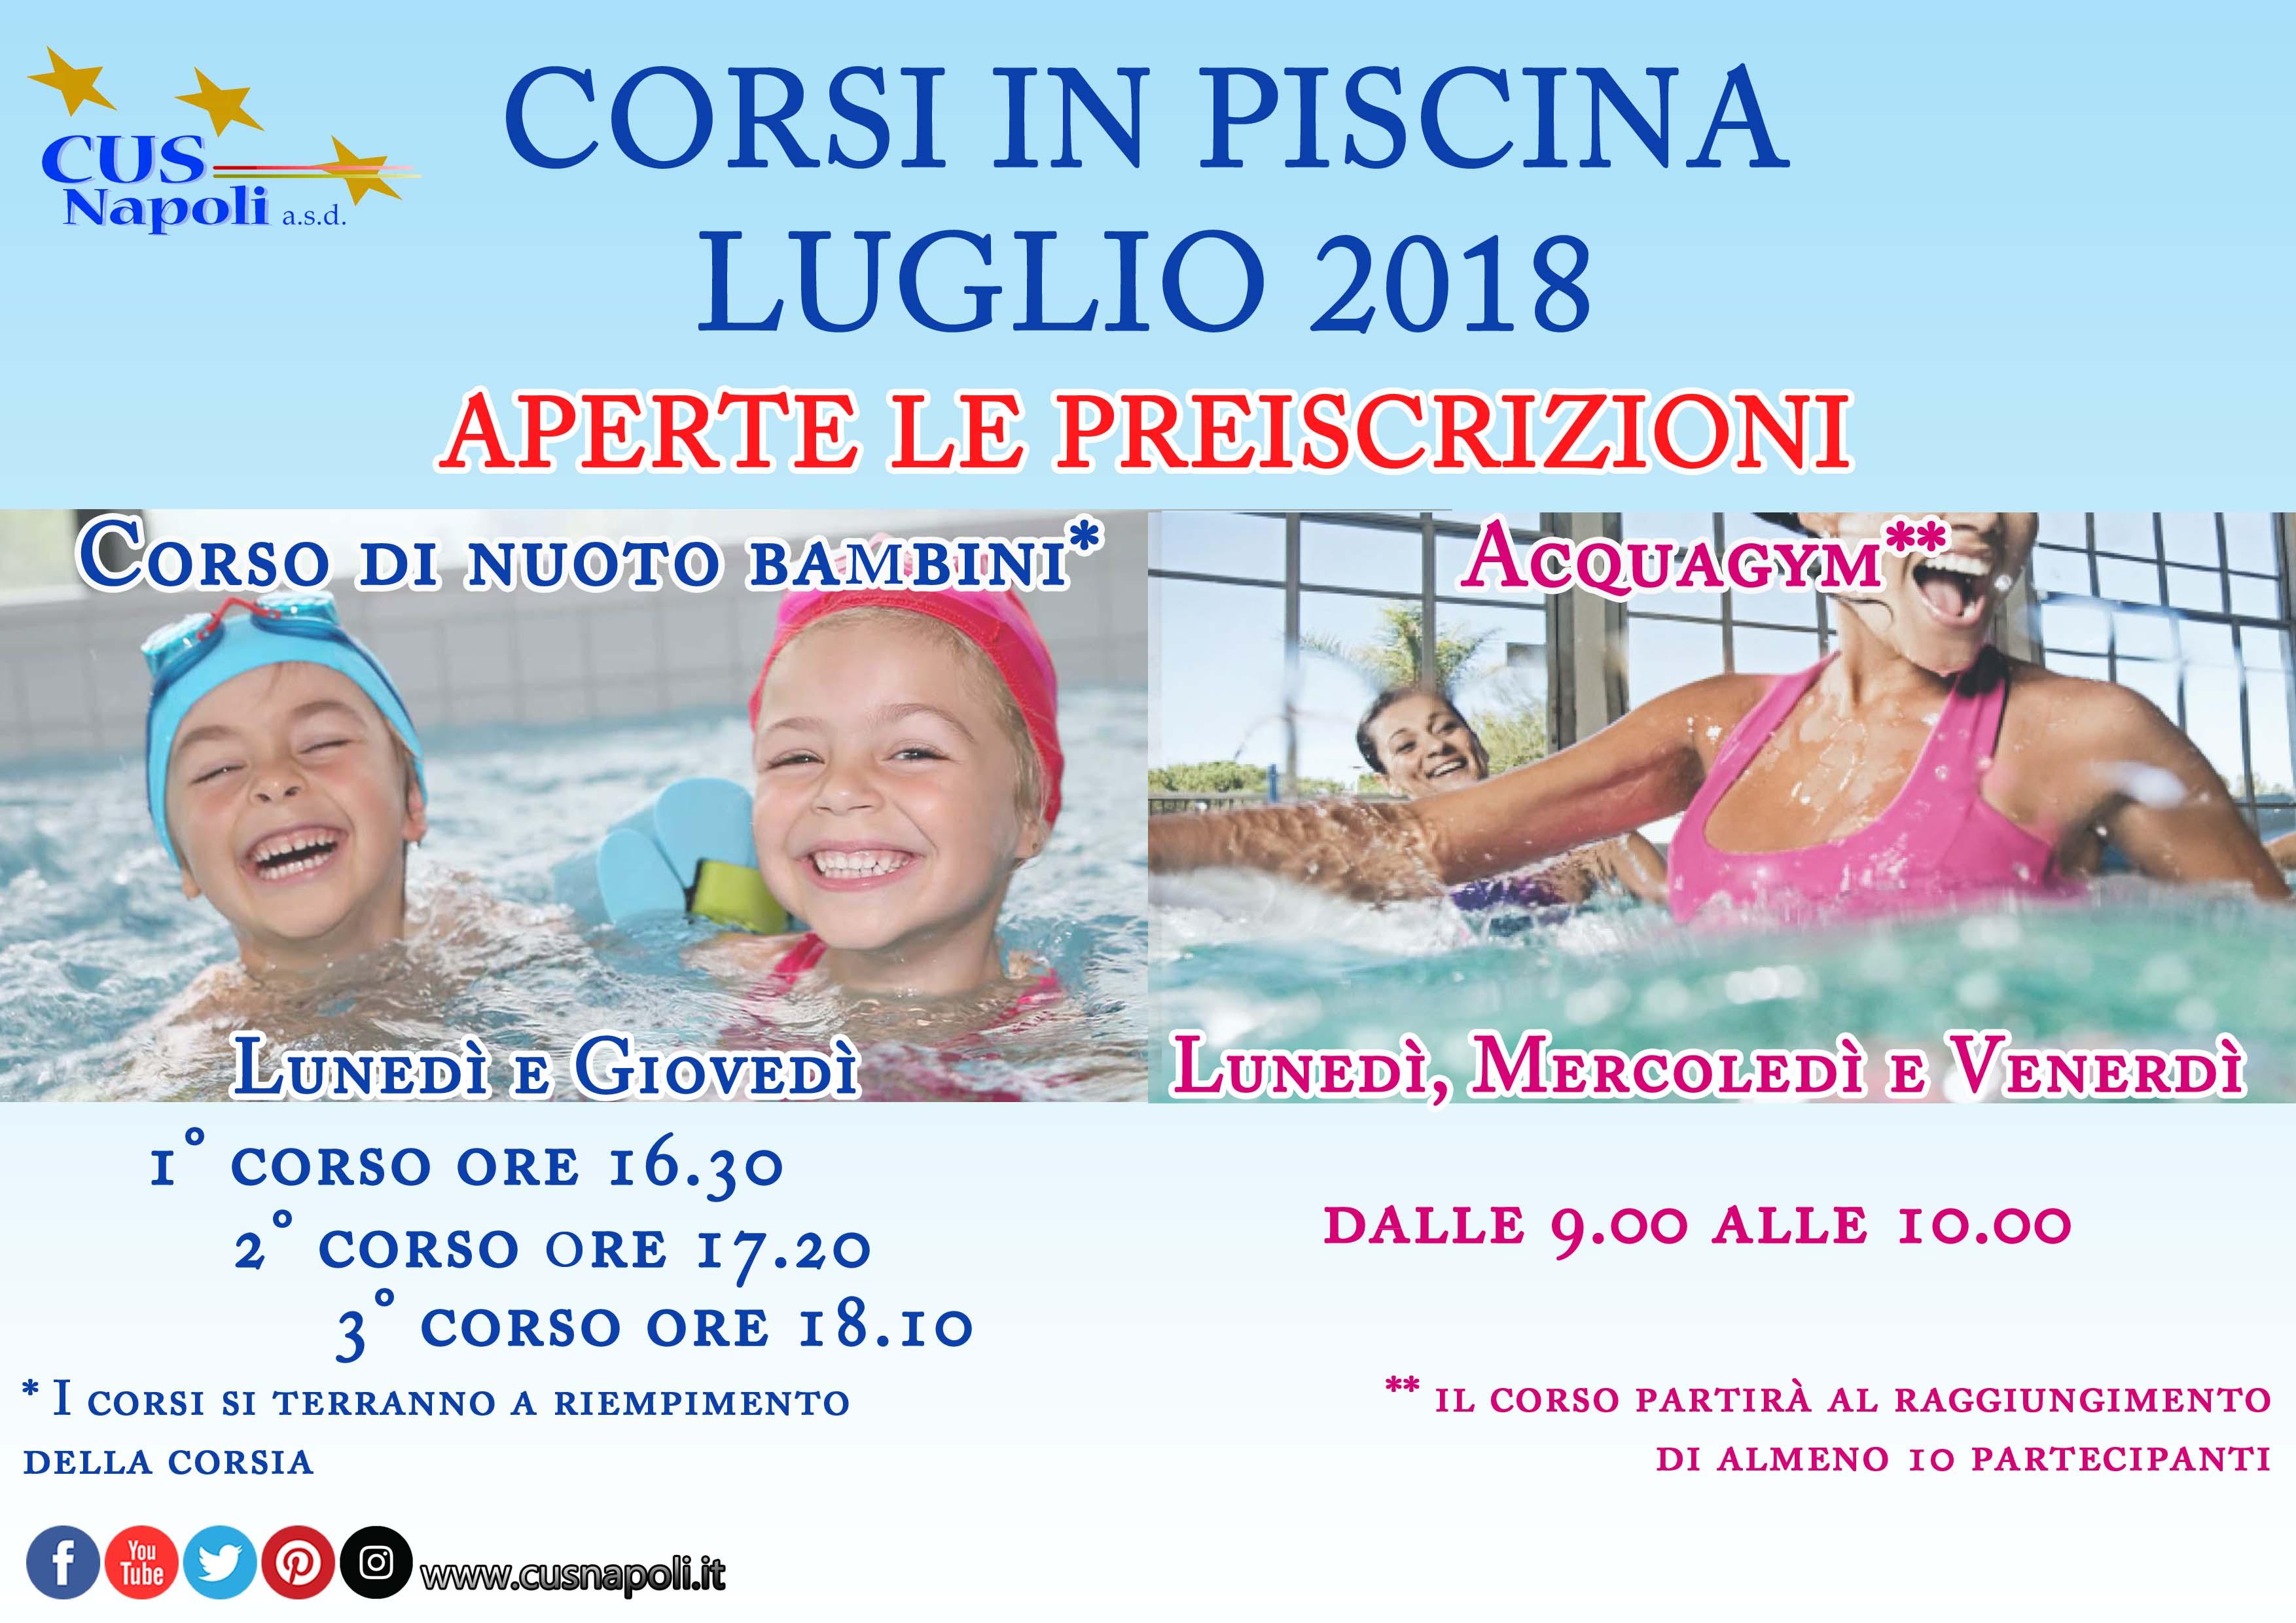 Cus napoli corsi di acquagym e nuoto bambini anche a luglio - Corsi per neonati in piscina ...